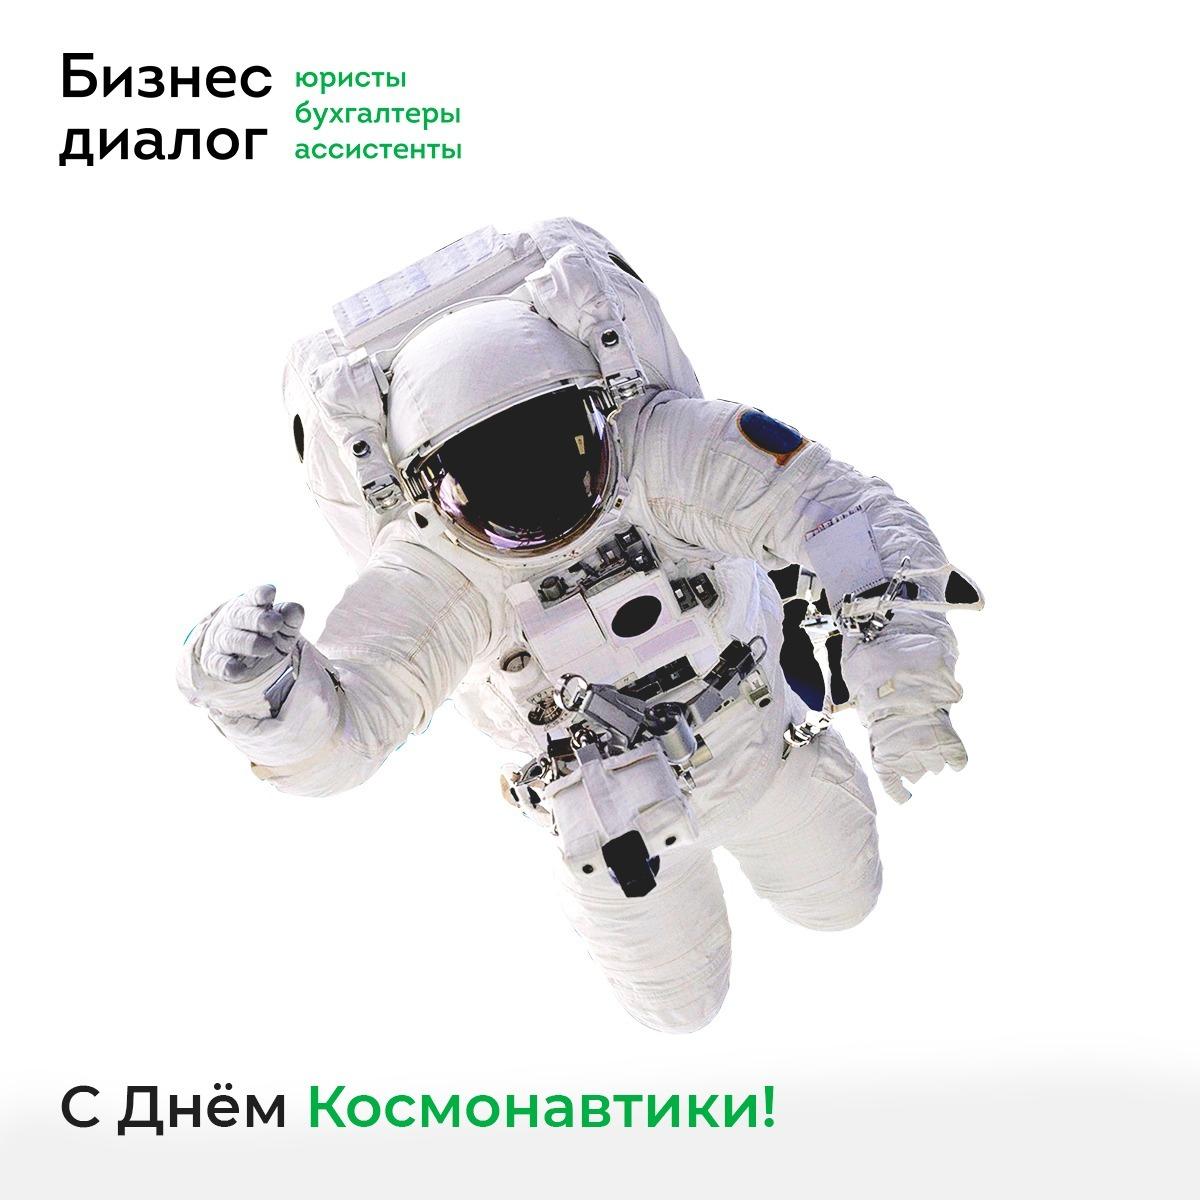 С днем космонавтики. Бизнес Диалог. ubk-bd.ru